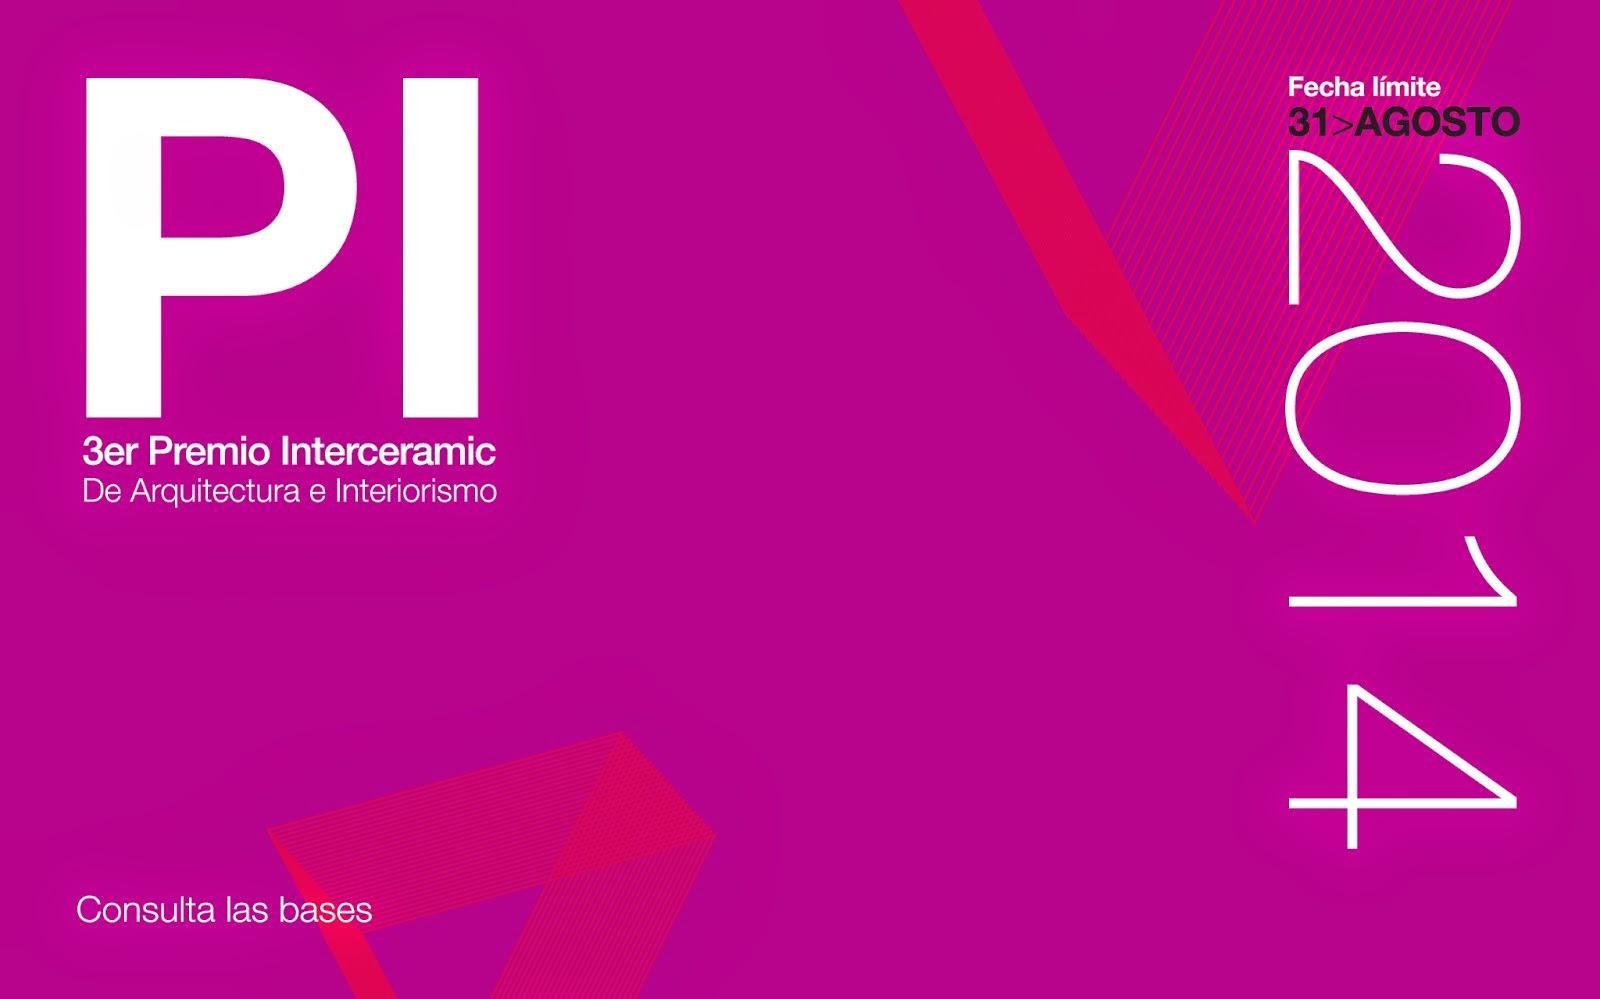 3ER PREMIO INTERCERAMIC 2014